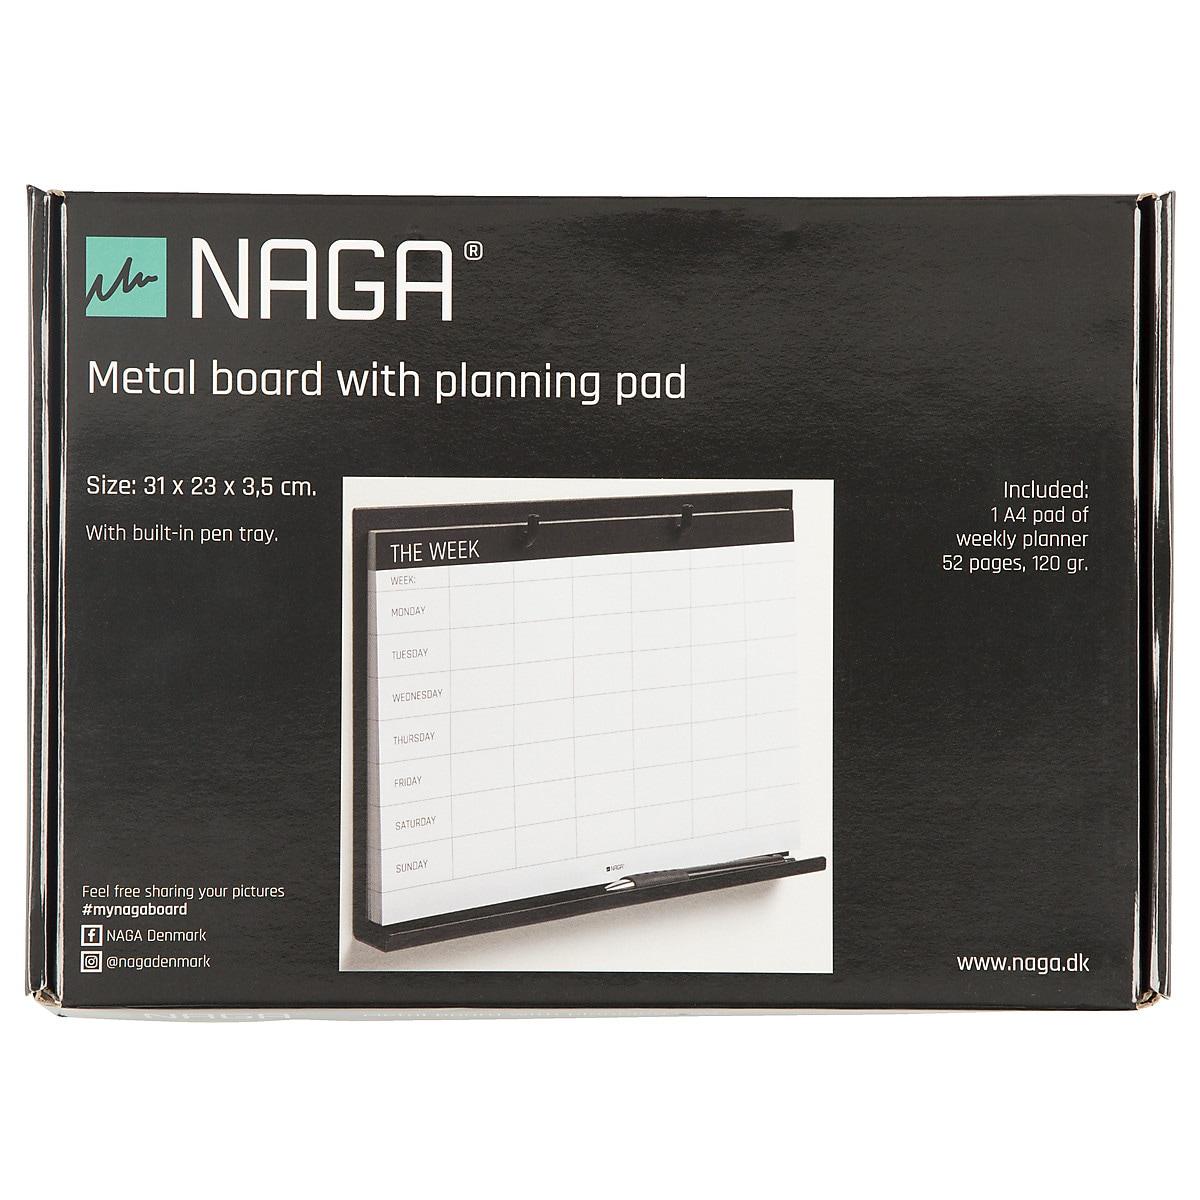 Viikkosuunnitelma, jossa metallinen pidike, Naga